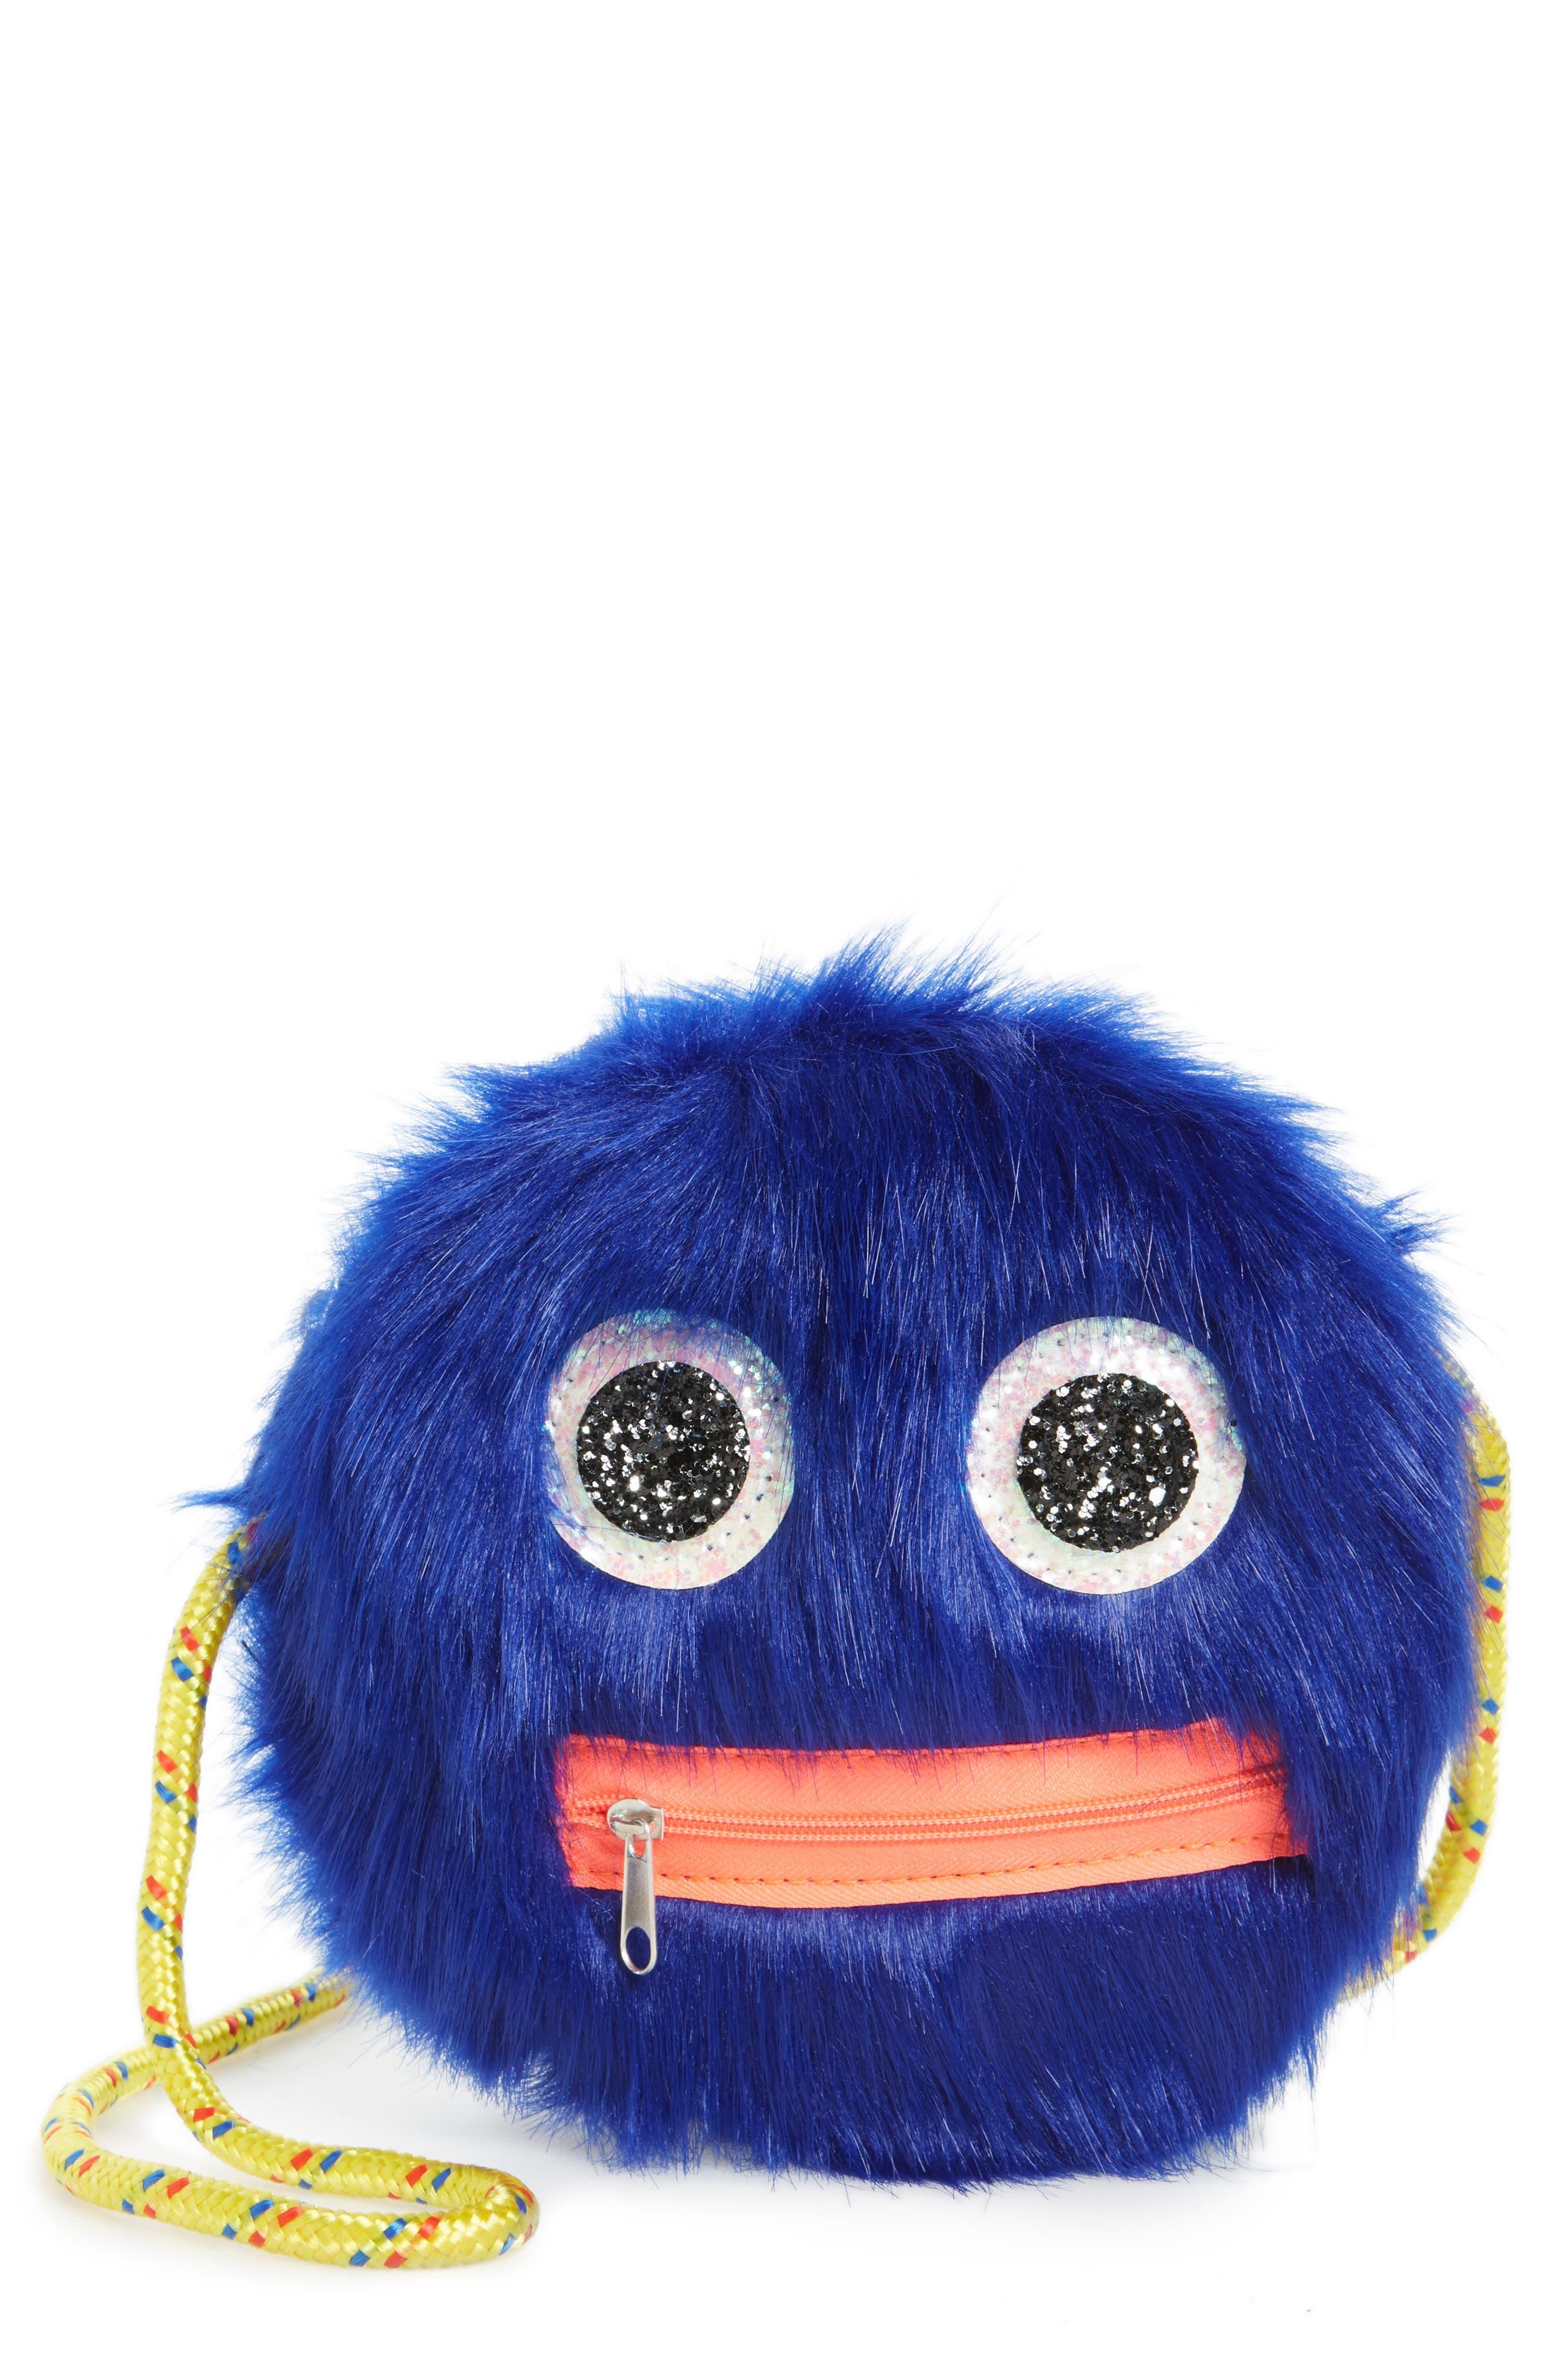 Capelli New York Monster Bag (Kids)